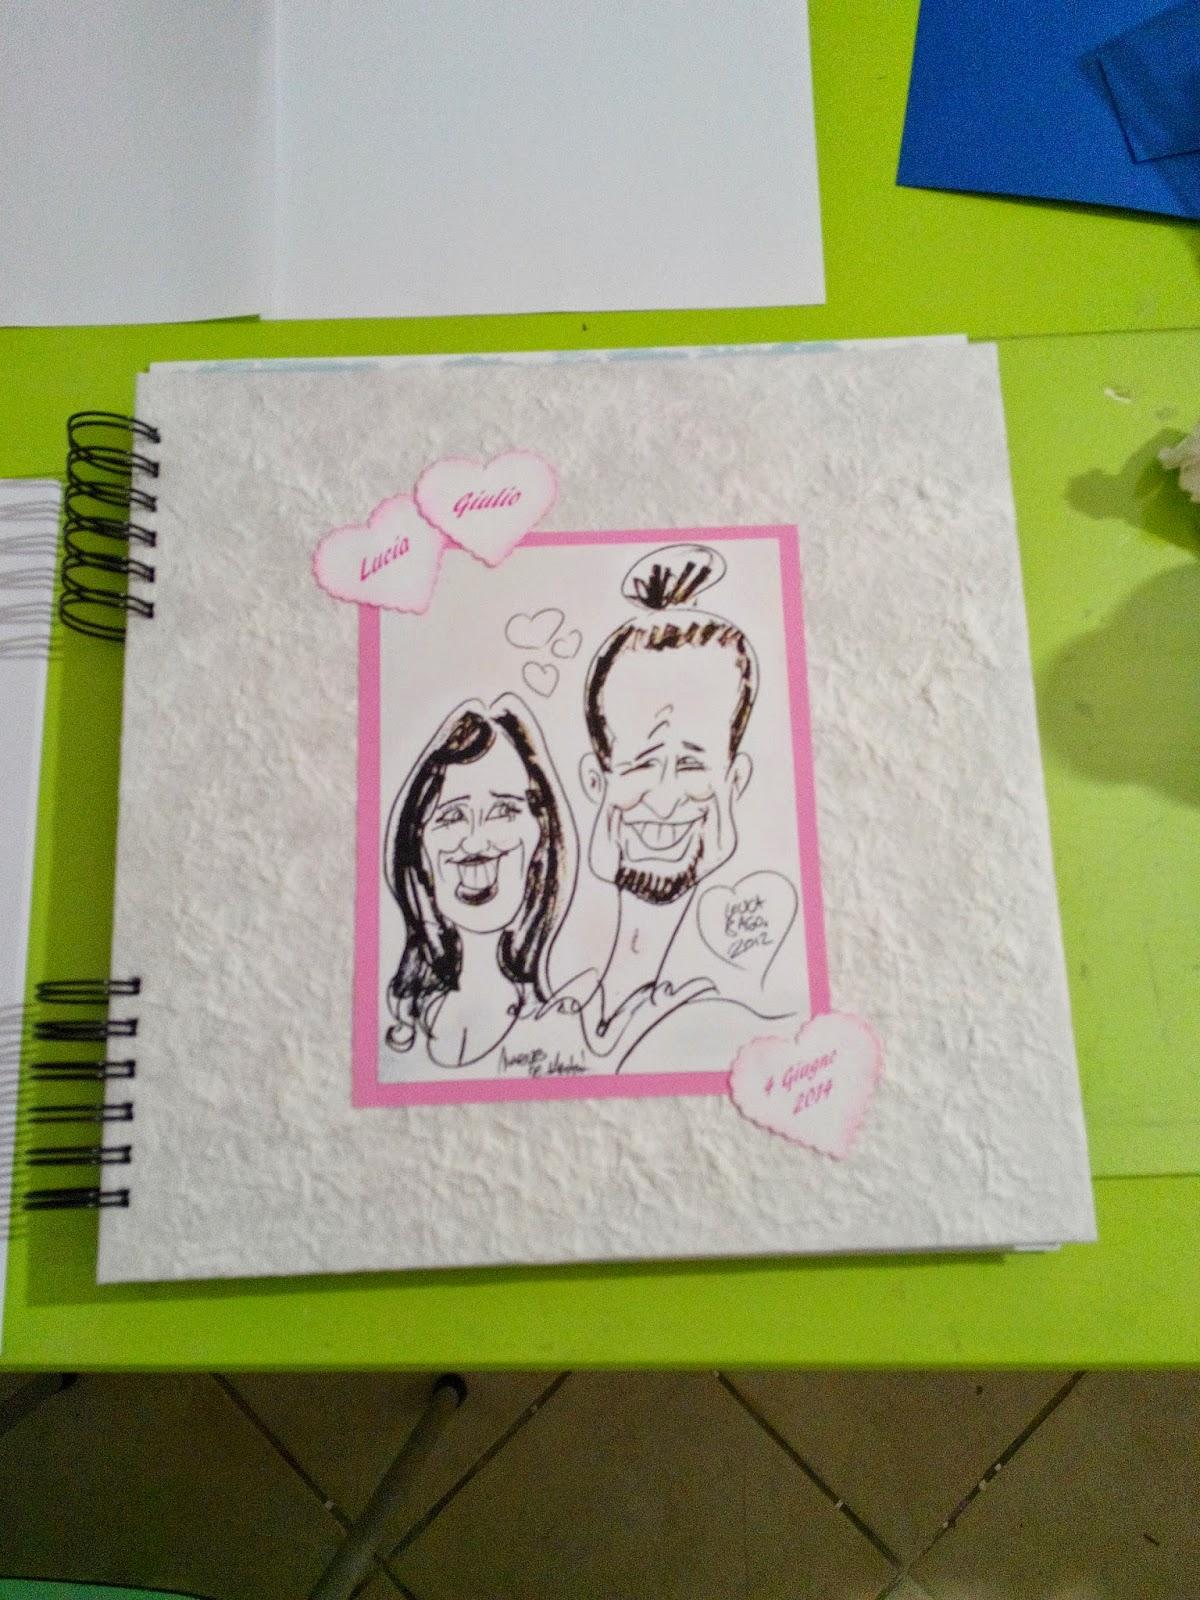 Le piccole creazioni di roberta libro dediche per gli - Col foglio rosa posso portare passeggeri ...